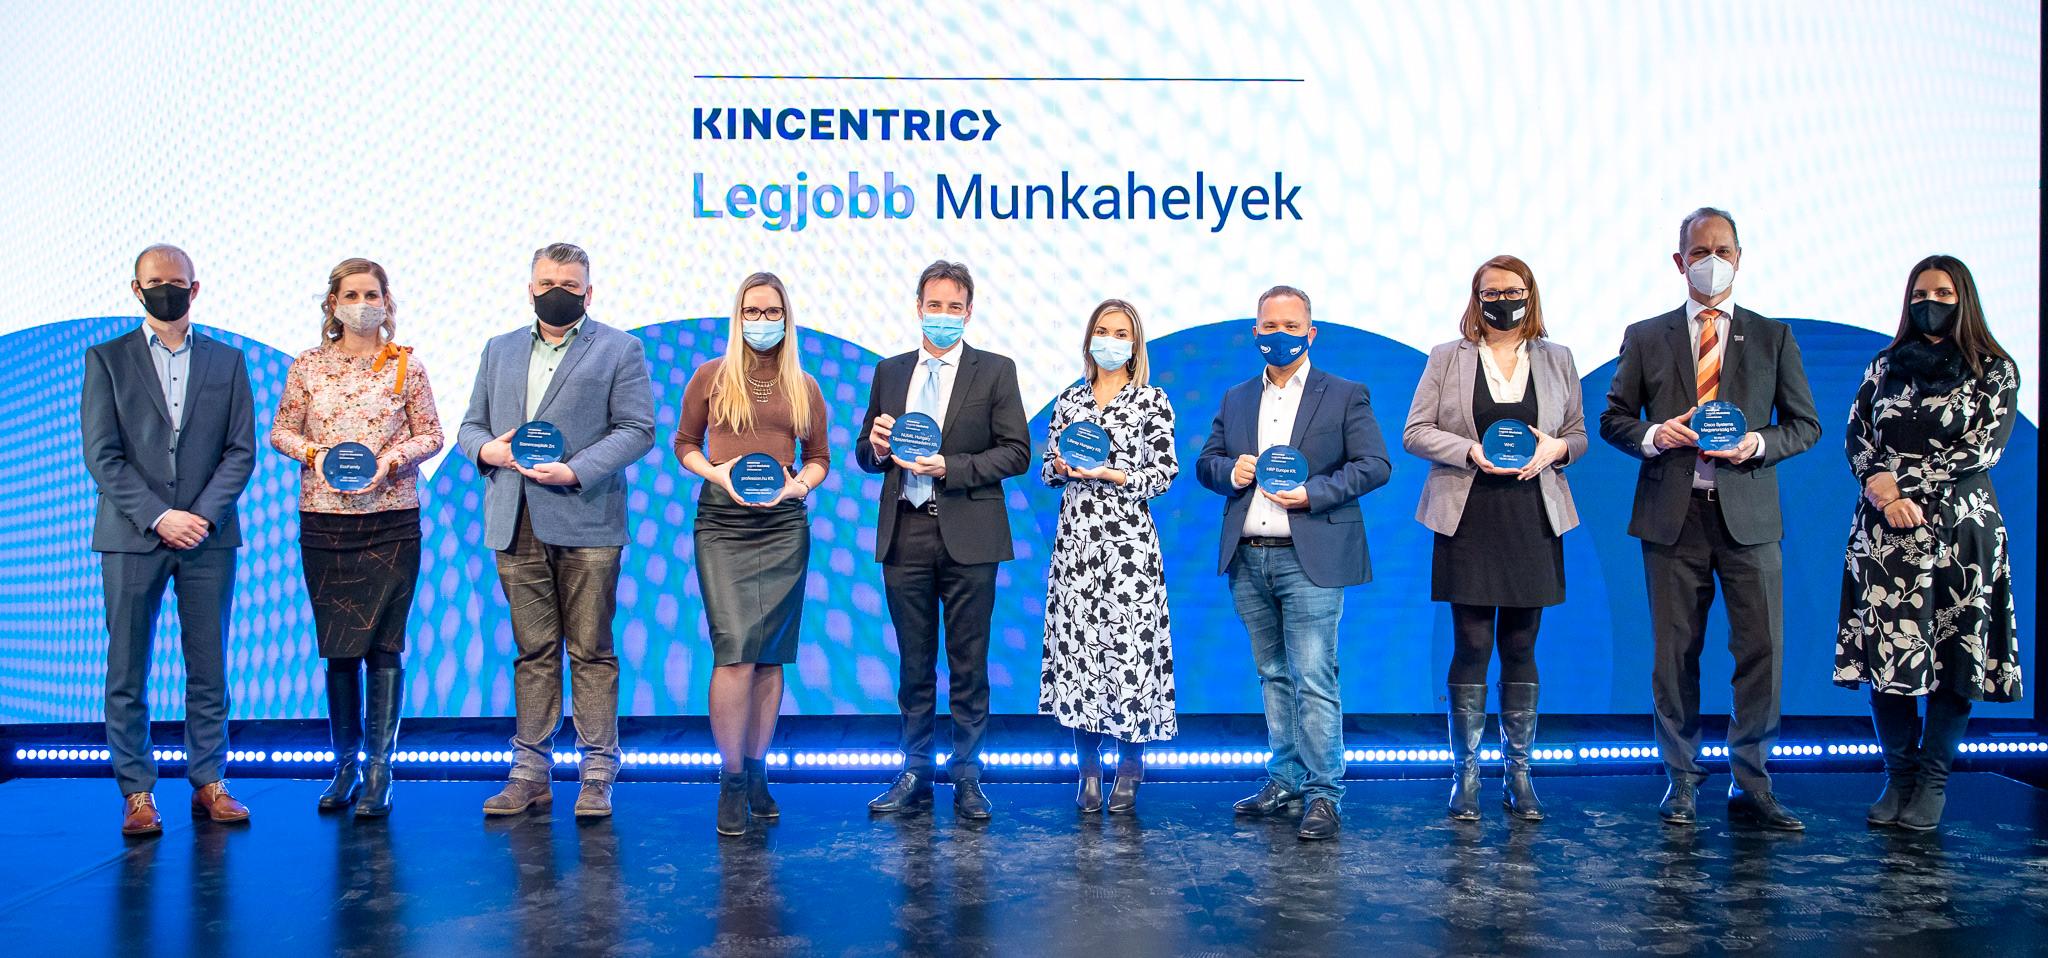 kincentric_legjobb_munkahelyek_2020.jpg